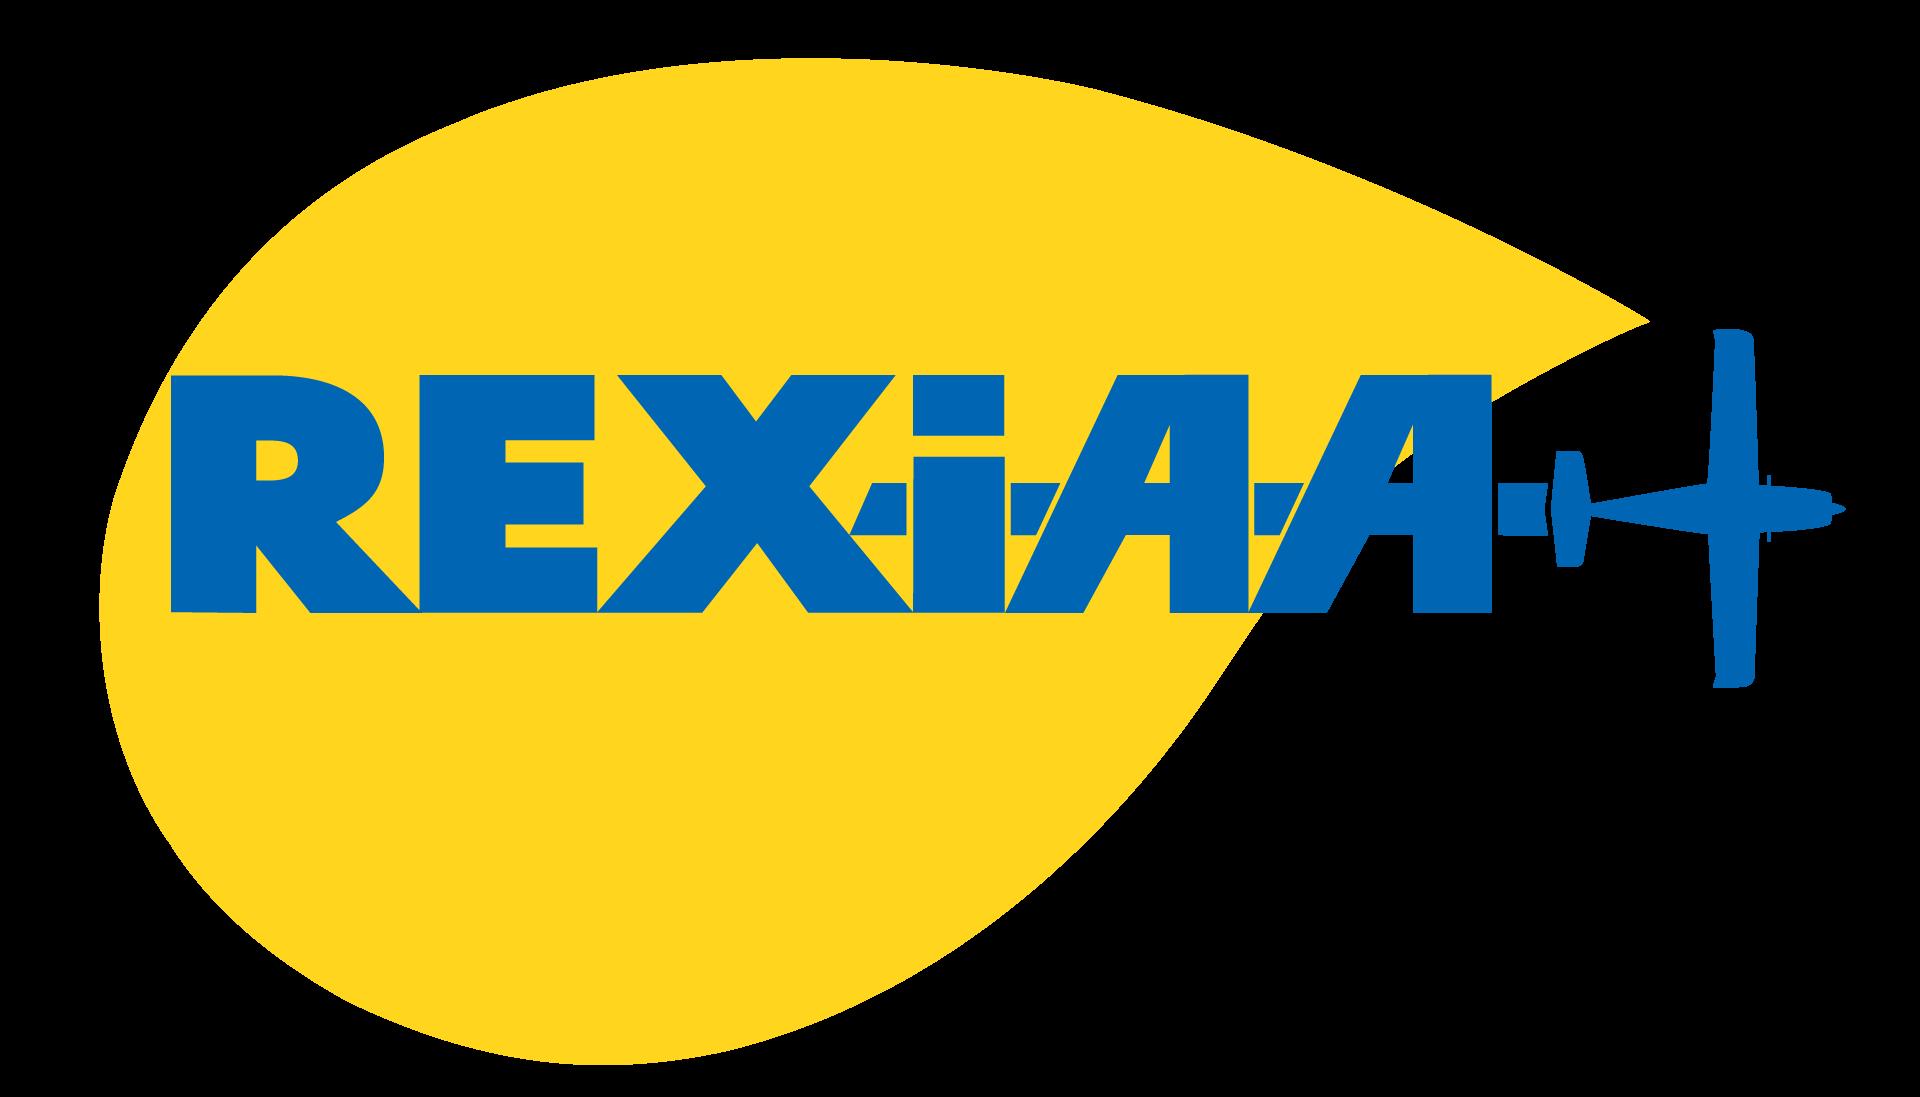 REXIAA